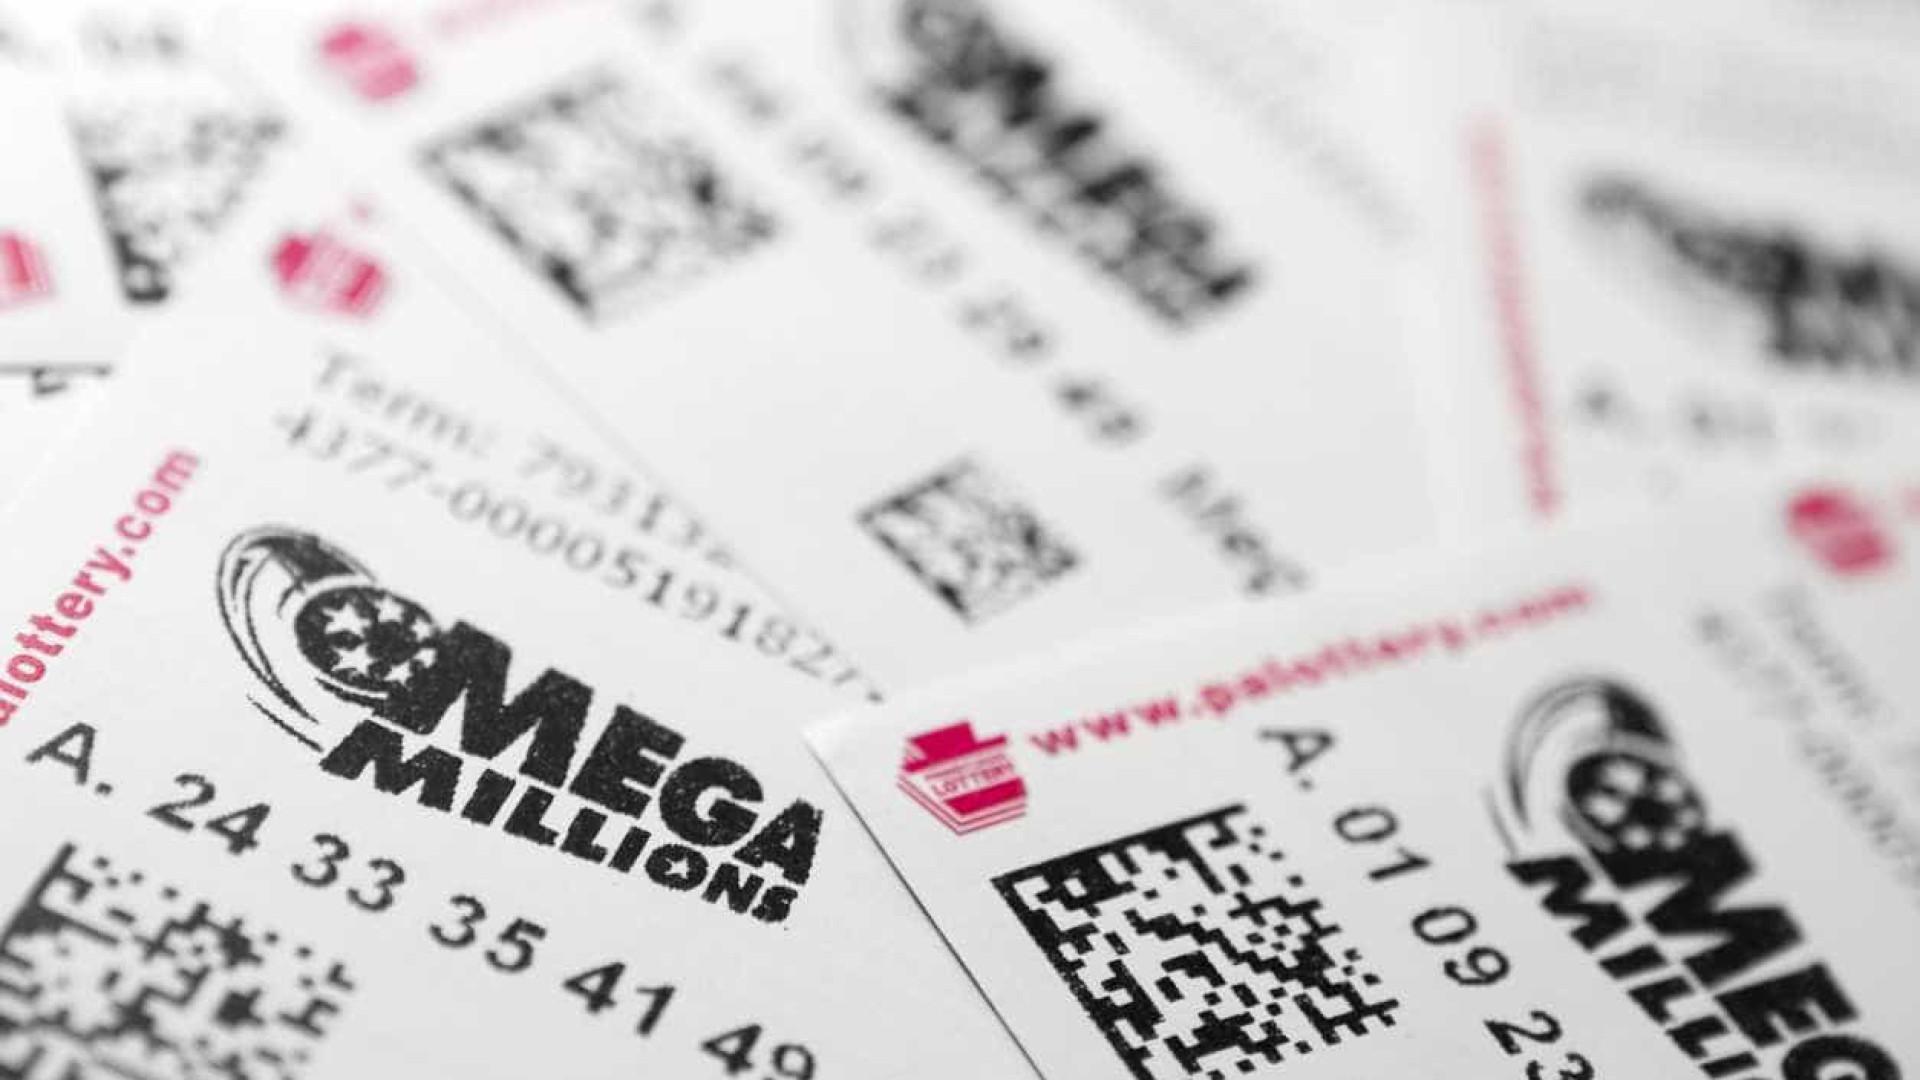 Prémio da lotaria dos EUA bate recorde mundial. Sobe para 1,4 mil milhões